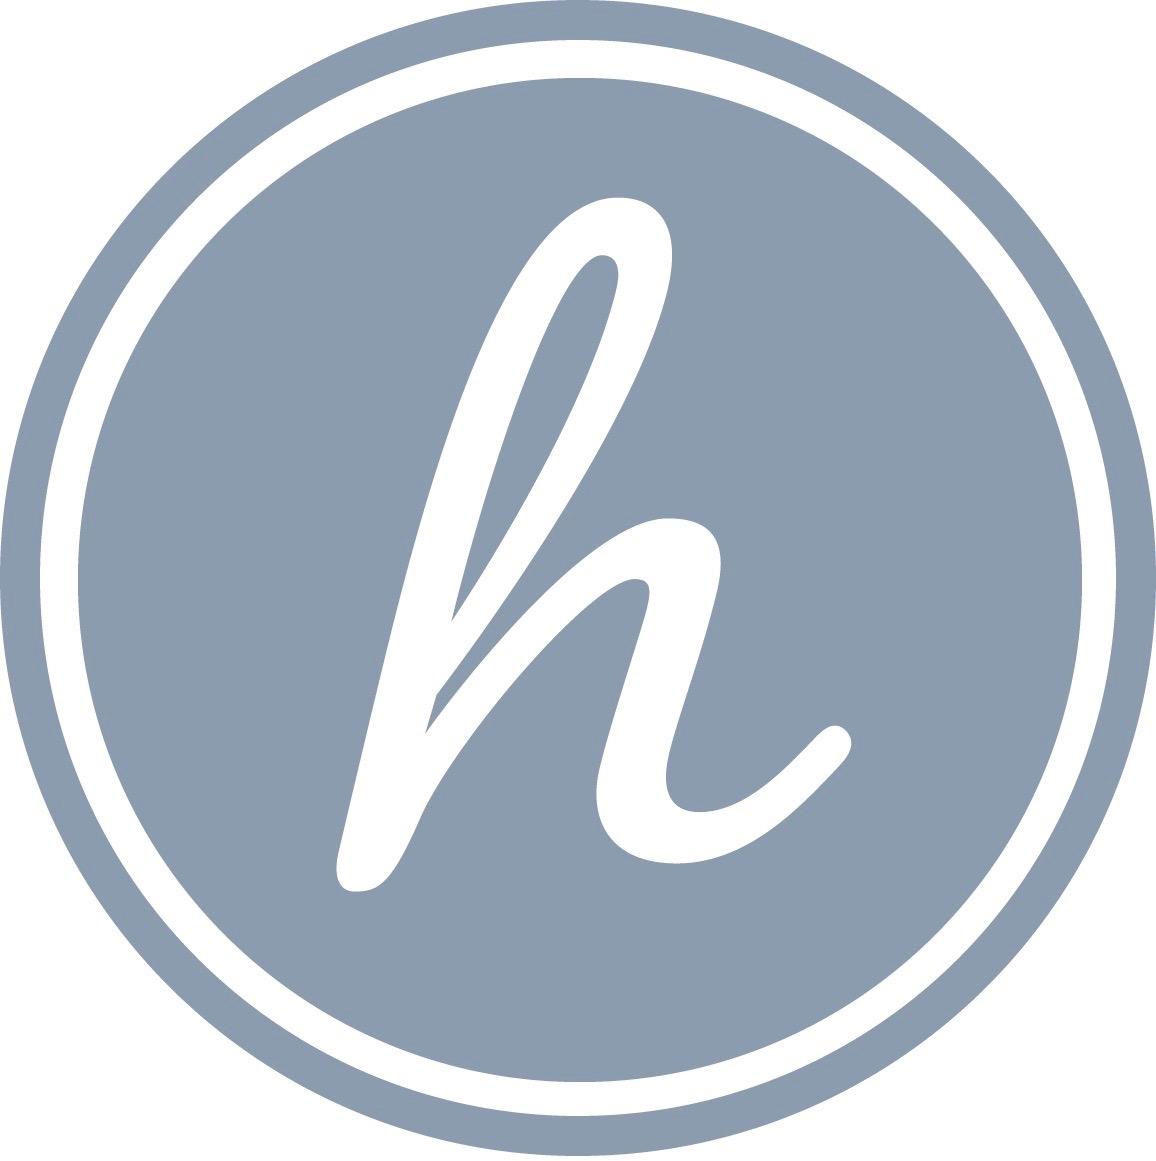 helthyly_logo_circleonly_v2 copy (1).jpg